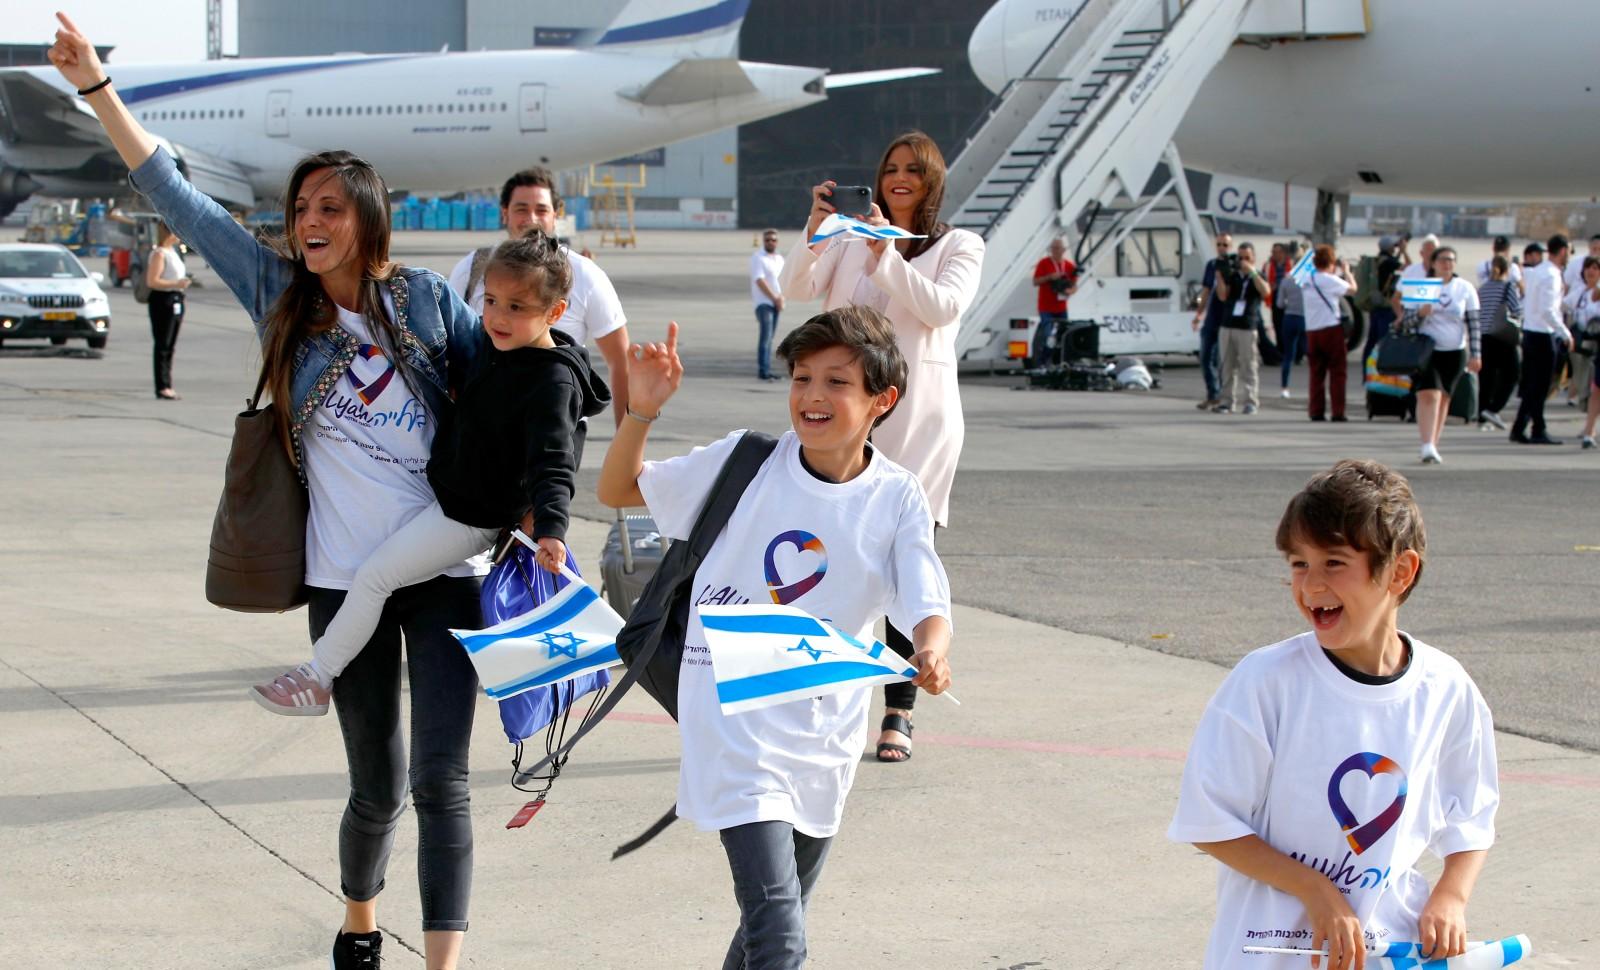 Des juifs de France faisant leur aliyah (Immigration vers Israël), arrivent à l'aéroport Ben Gurion de Tel Aviv, en 2019 © JACK GUEZ / AFP